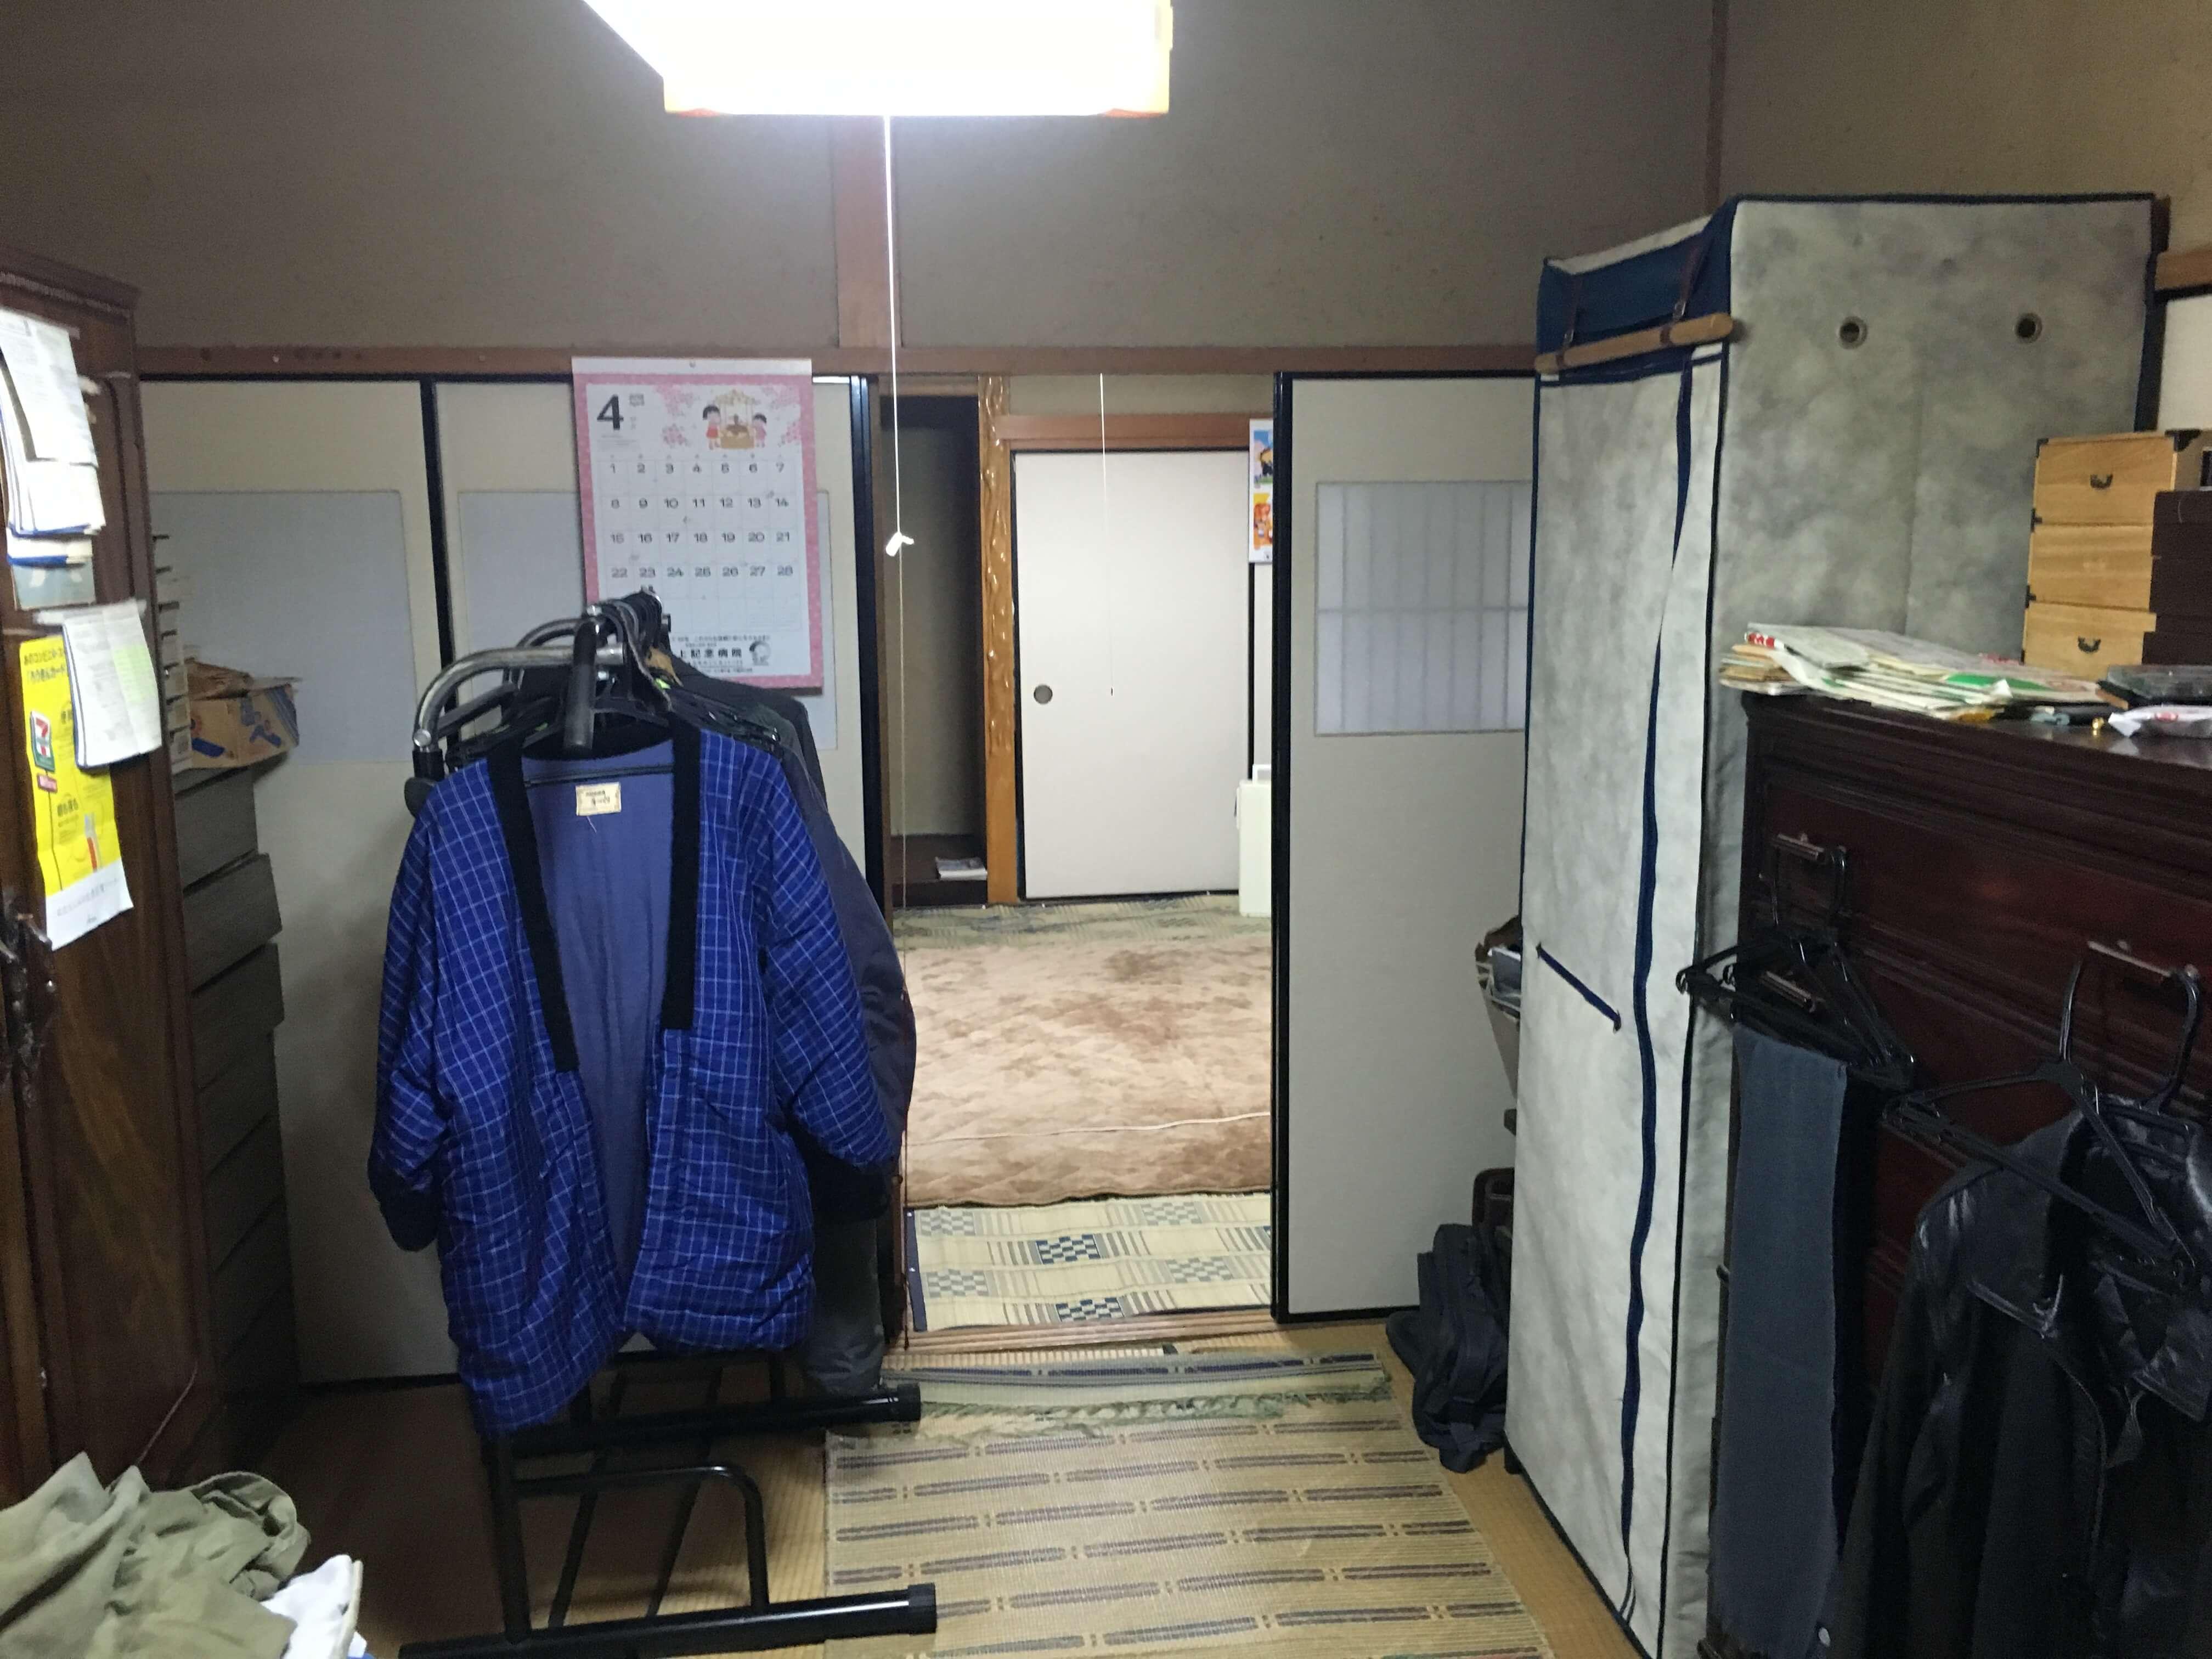 和室続きで、部屋が仕切られており、使い勝手が悪い空間でした。